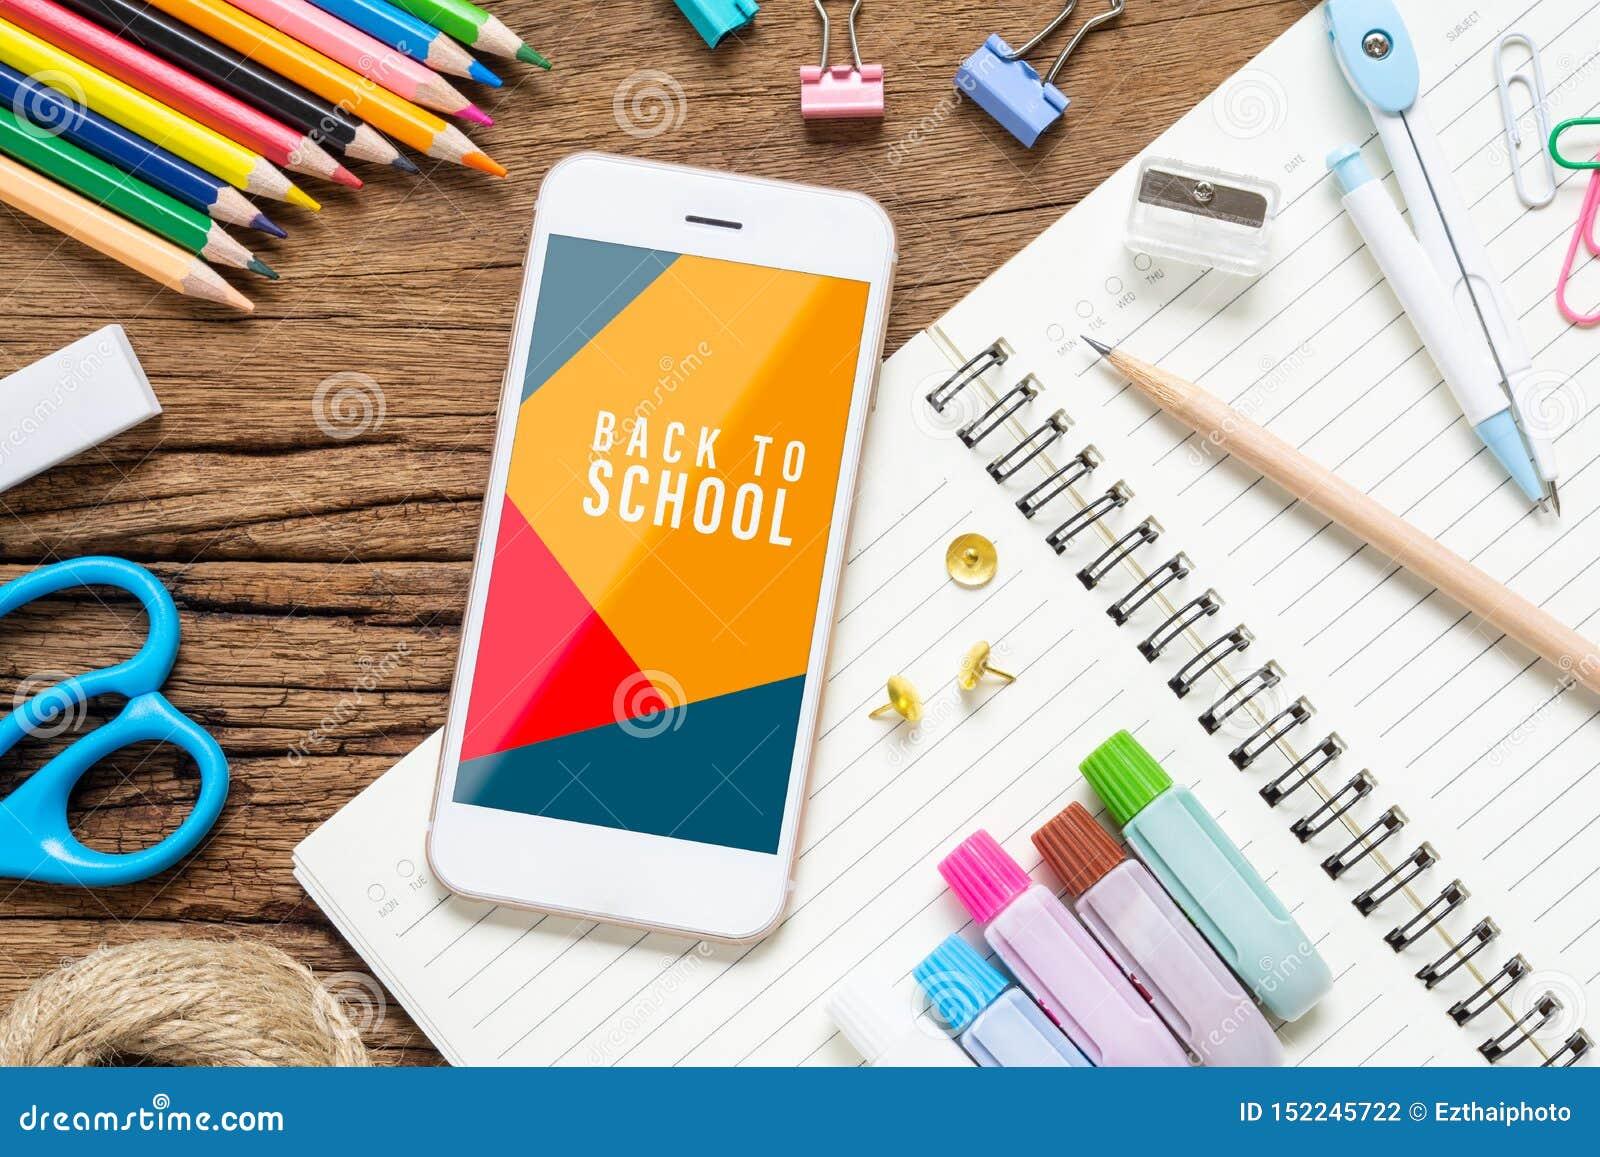 回到学校背景概念 嘲笑您的艺术品的手机与在生锈的求爱的背景的学校固定式项目,